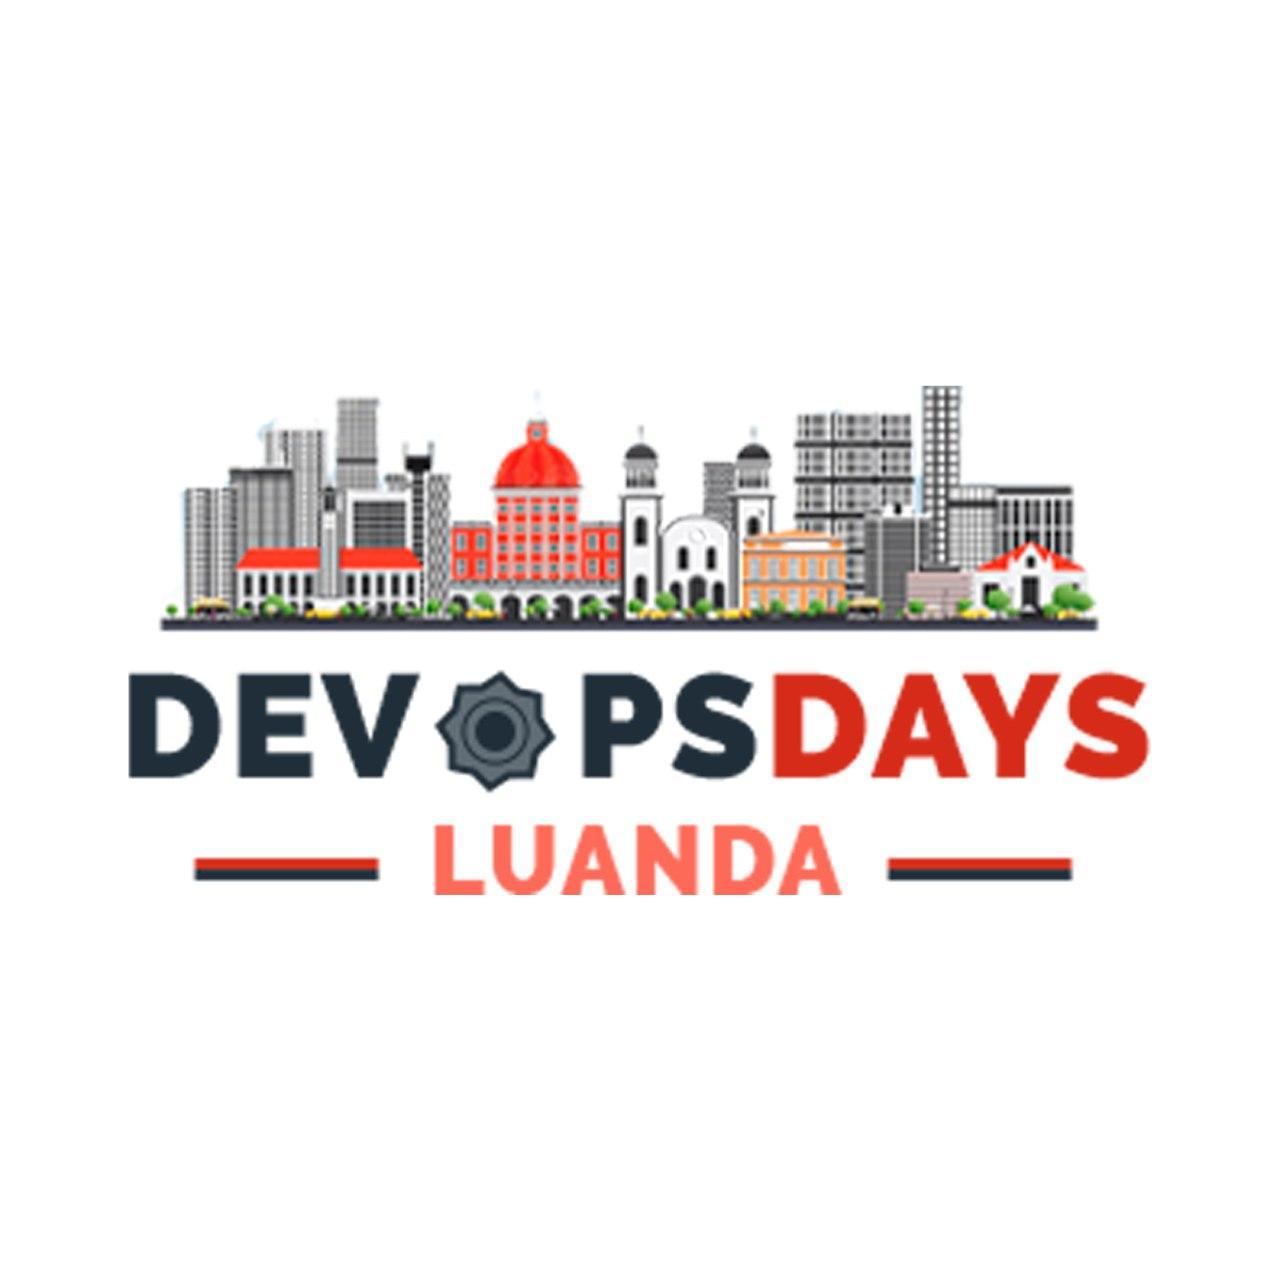 devopsdays Luanda